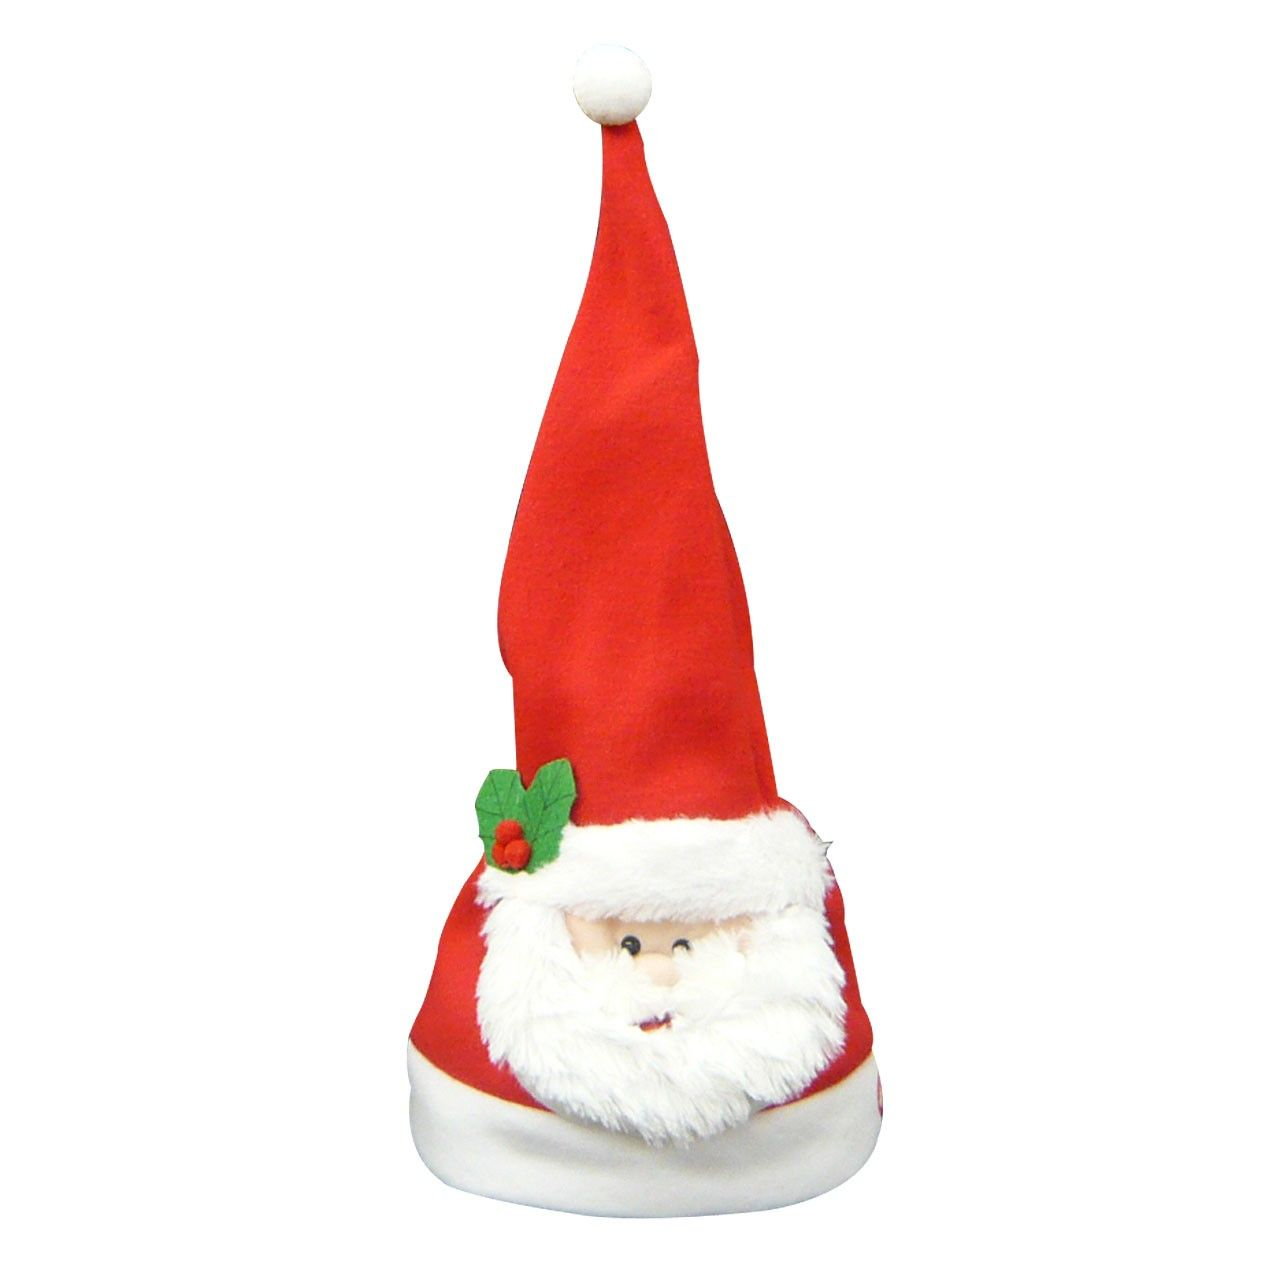 シンギングフェイスハット サンタクロース 顔左の「PRESS HERE」ボタンを押すと音楽が流れ動き出します。(ジングルベル)